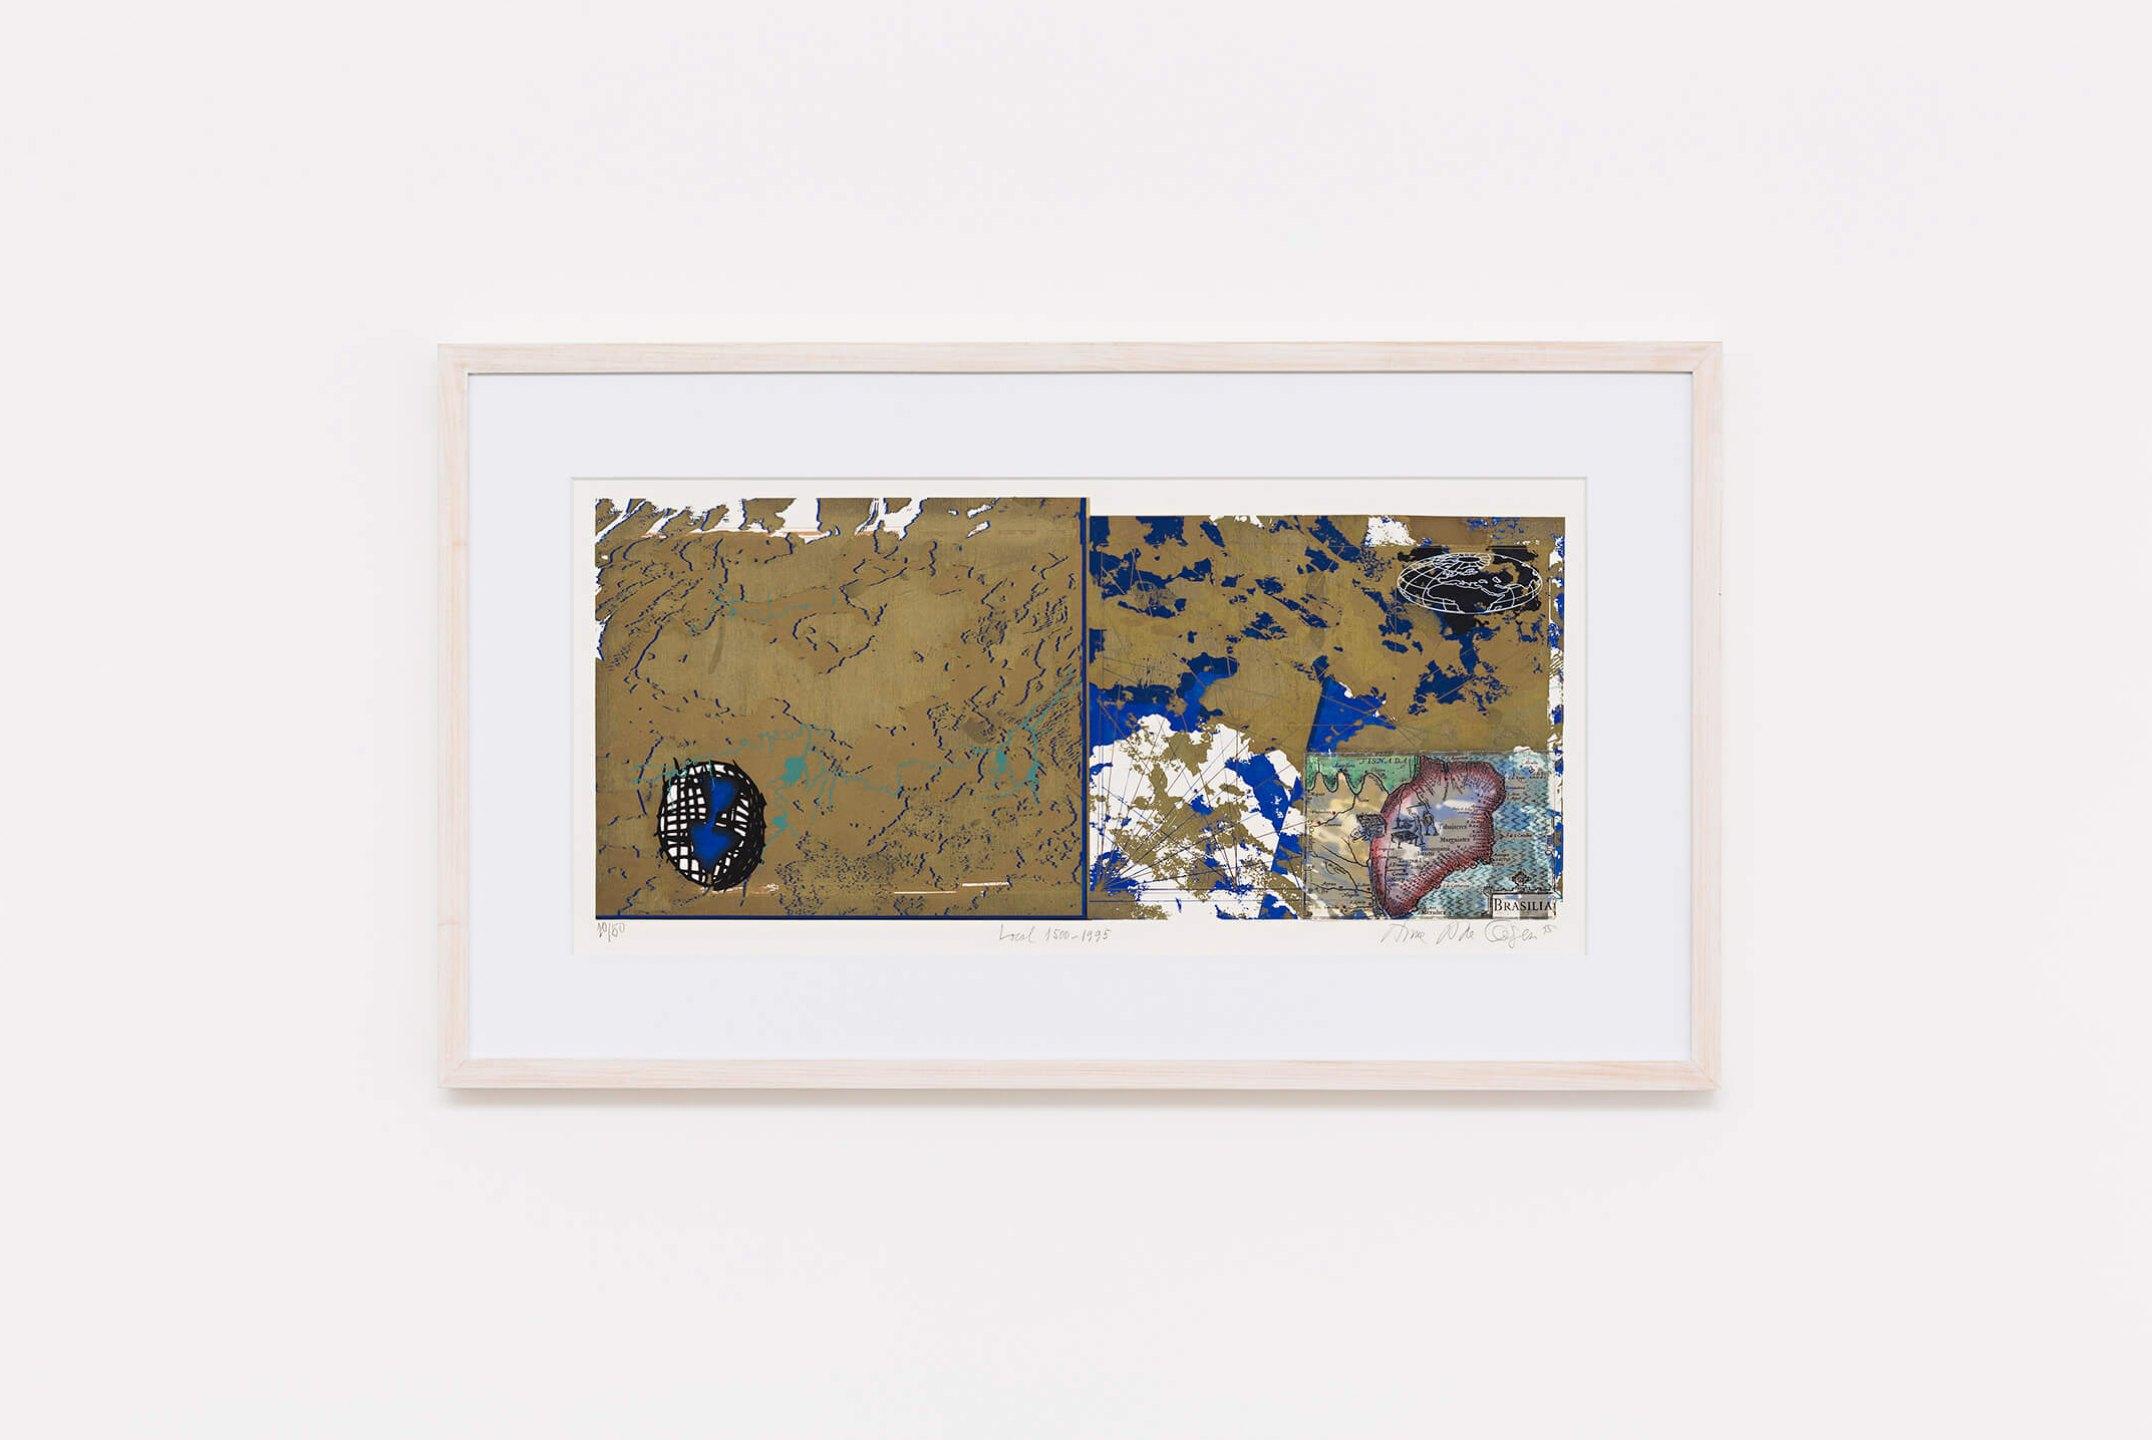 Anna Bella Geiger,<em>Local de ação 1500/1995</em>,1995, photoengraving on metal, serigraphy, collage and color pencil, 30 × 67,5 cm - Mendes Wood DM